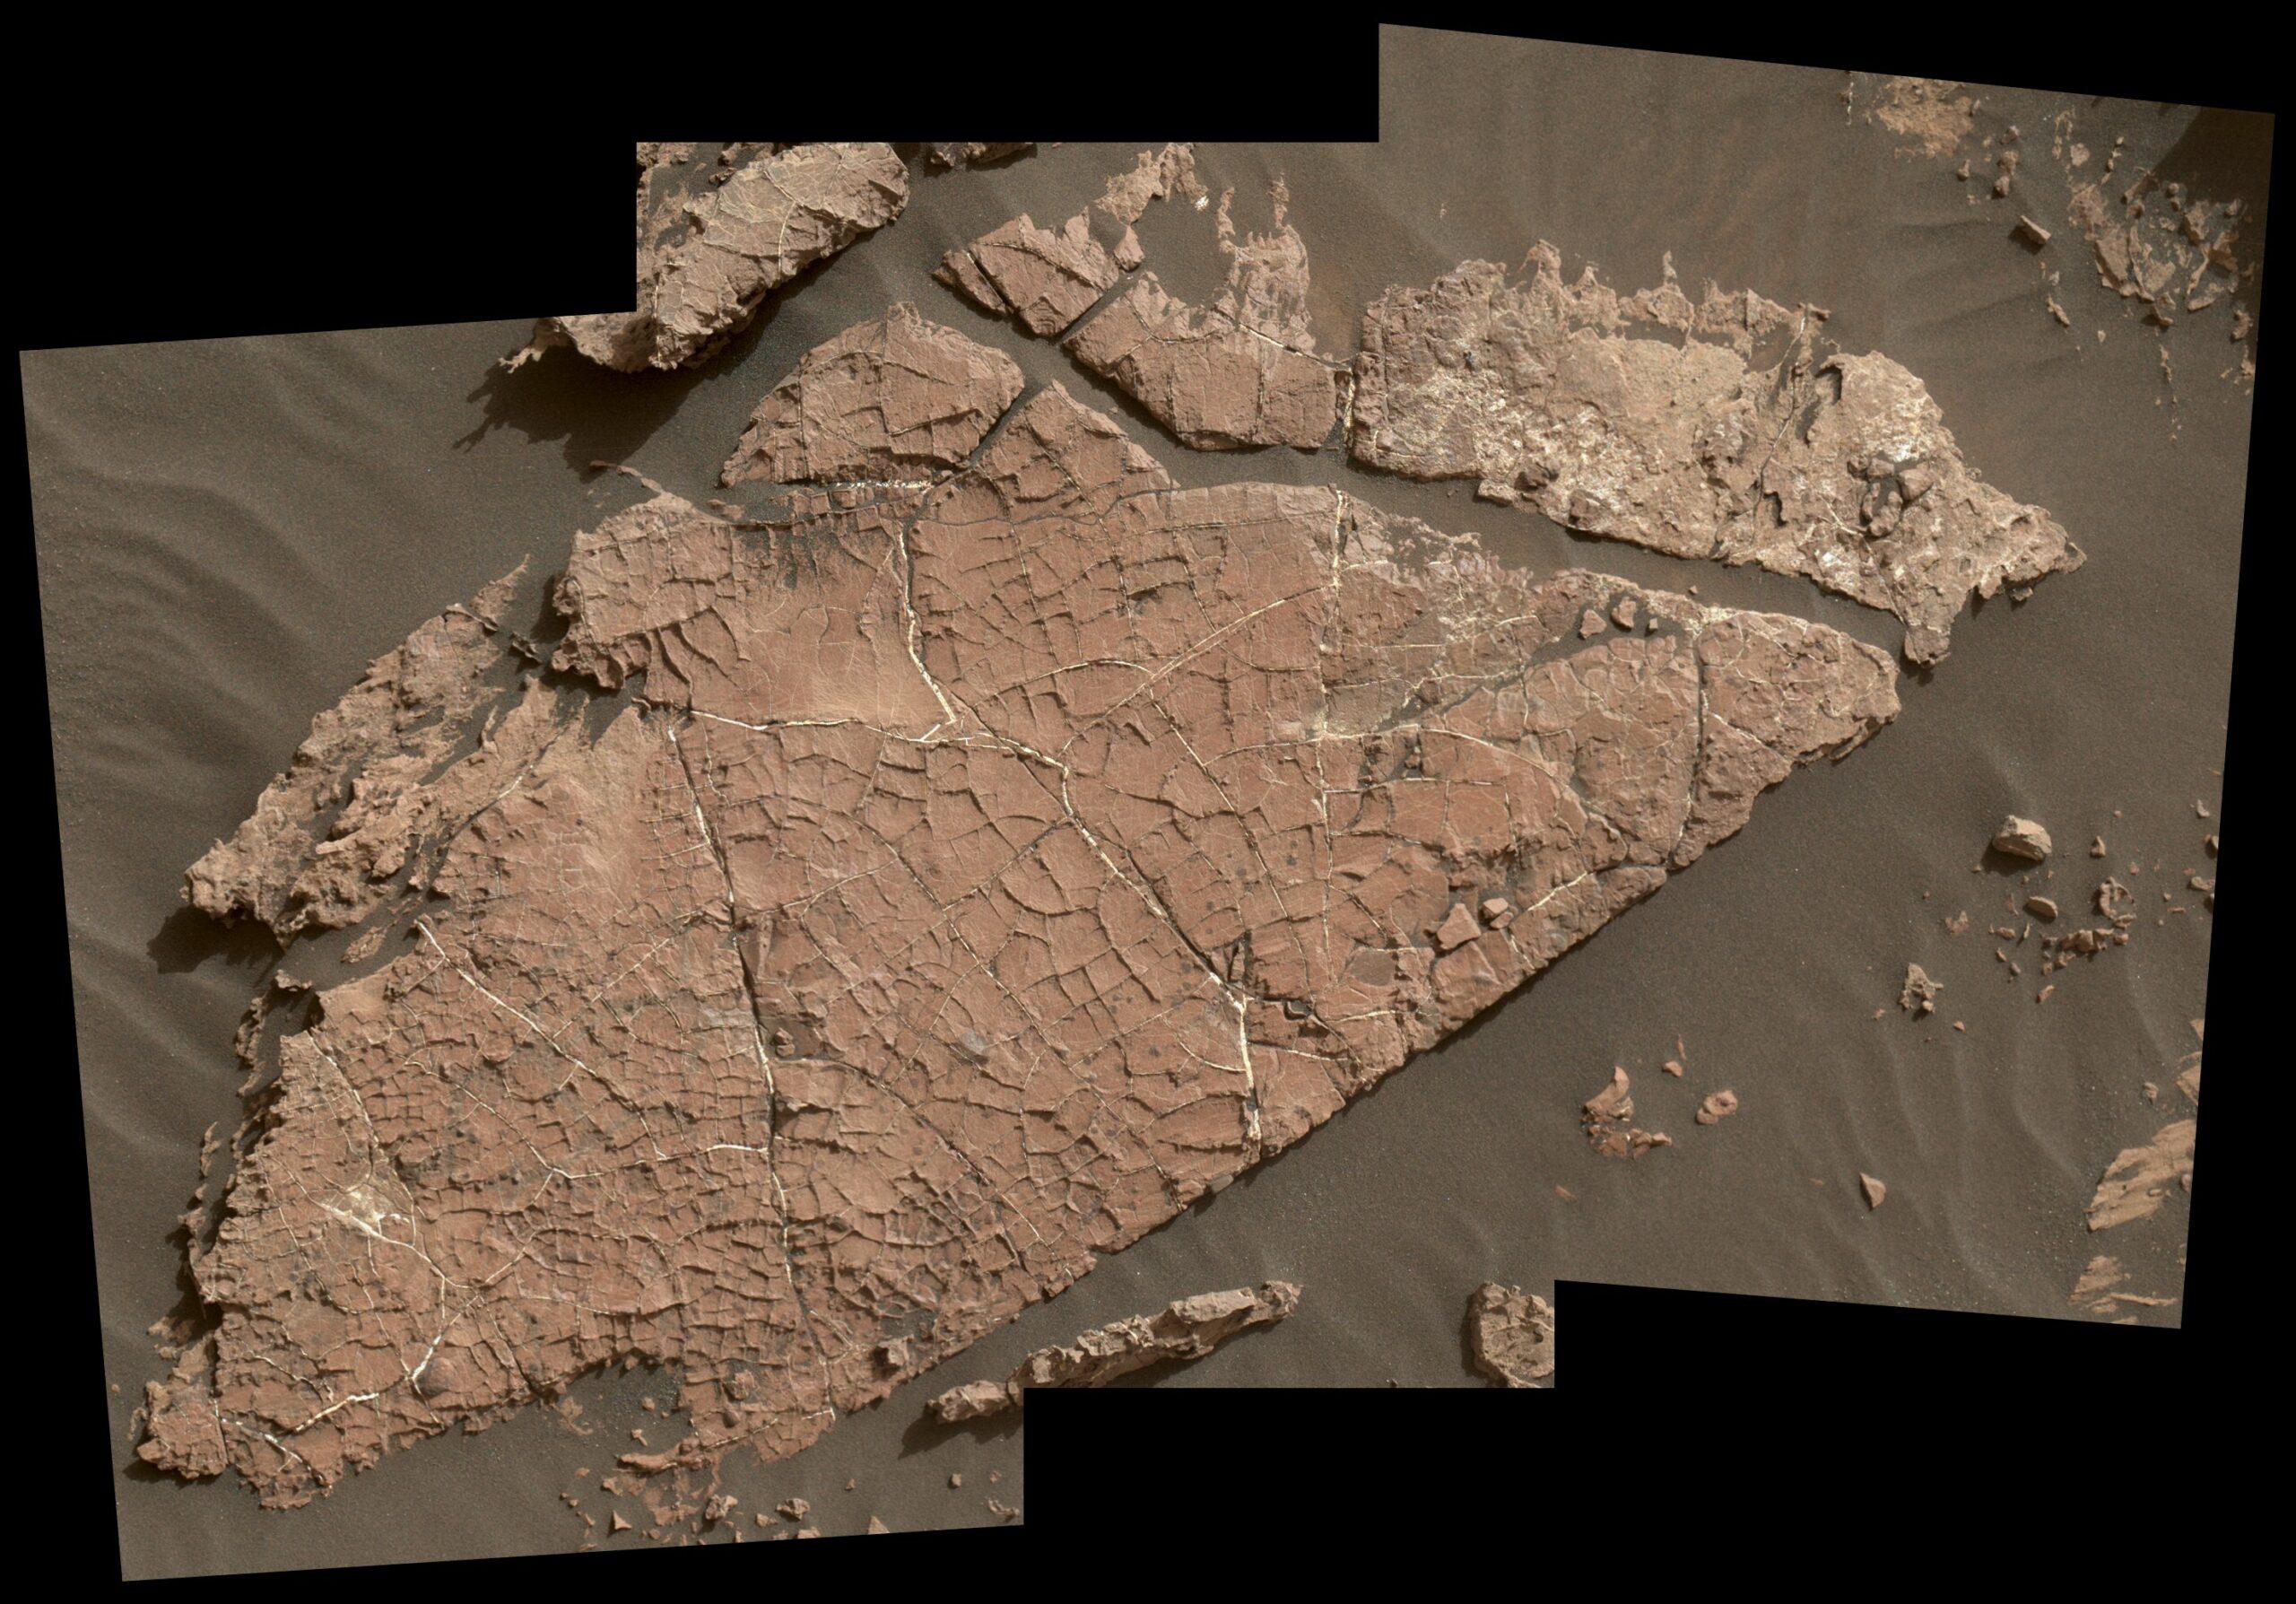 """""""Old Soaker"""": Сеть трещин в этой марсианской скальной плите под названием """"Old Soaker"""" могла образоваться в результате высыхания слоя грязи более 3 миллиардов лет назад."""